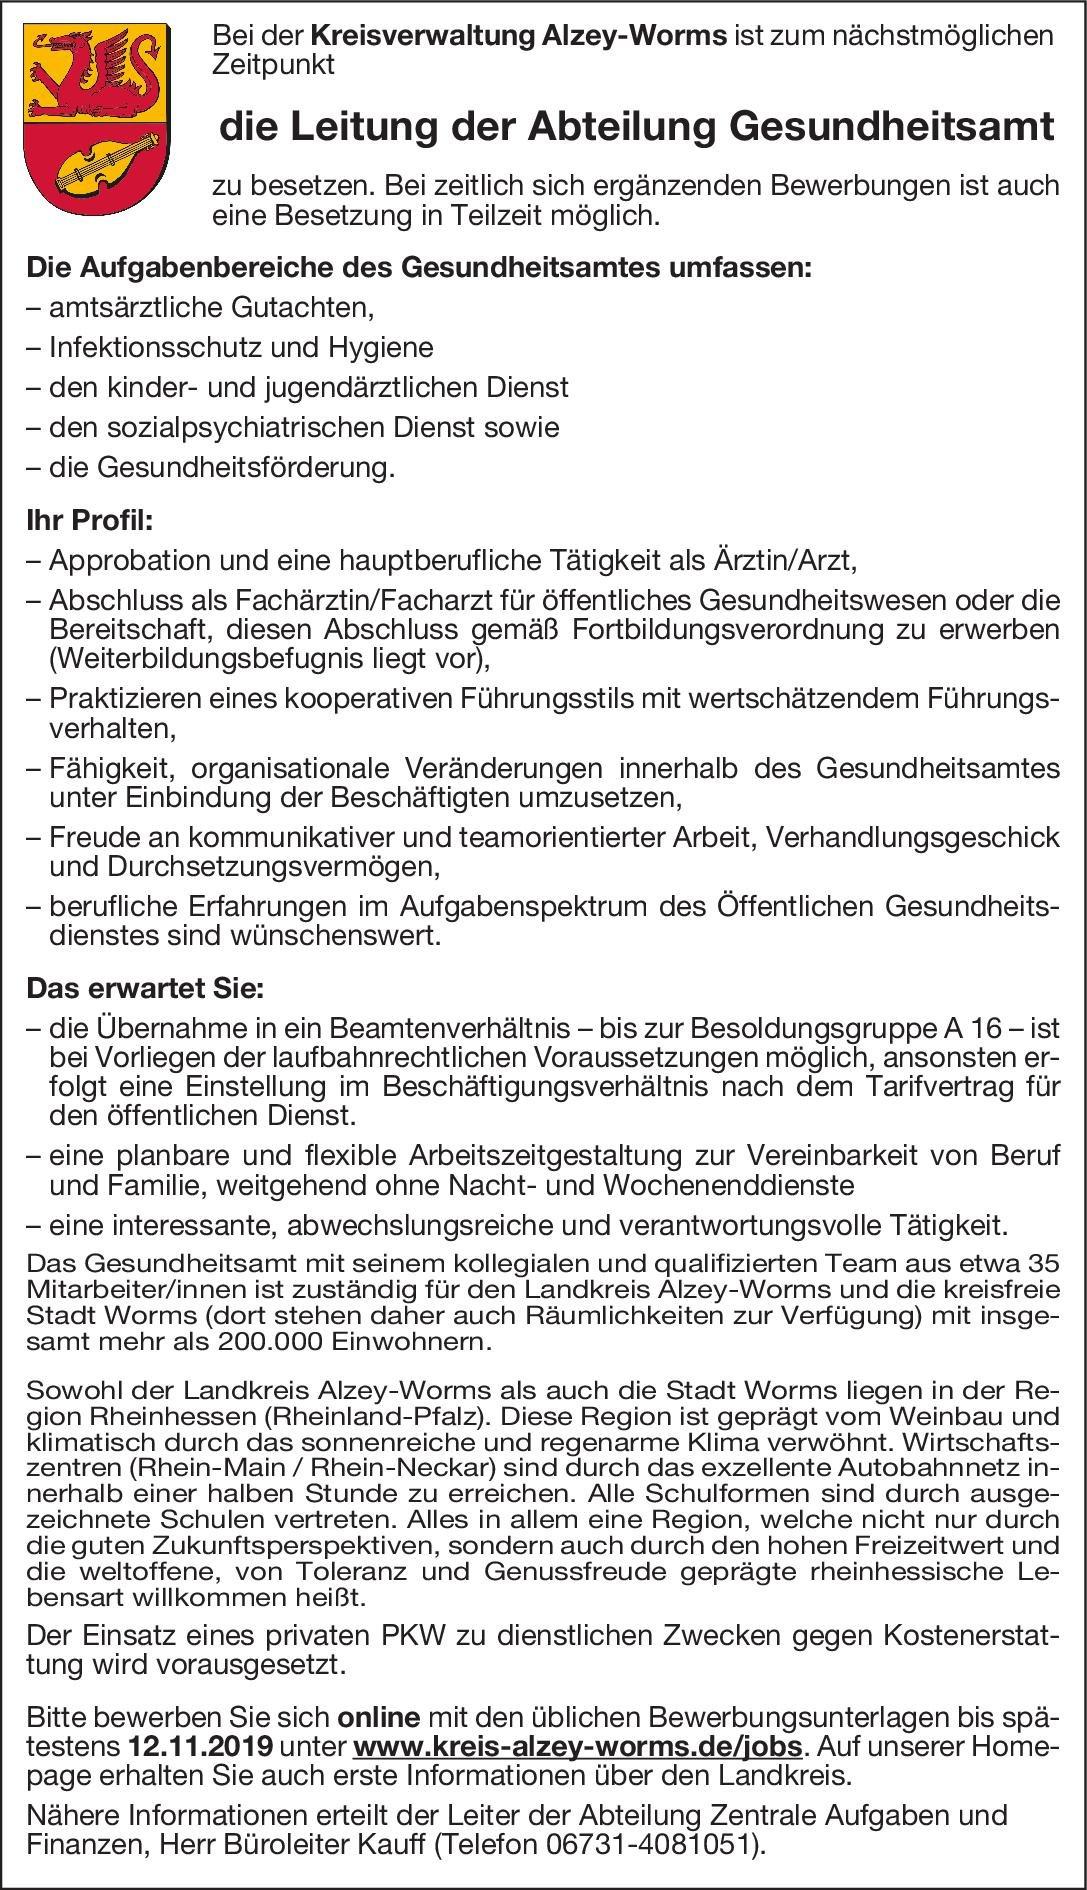 Kreisverwaltung Alzey-Worms Leitung der Abteilung Gesundheitsamt Öffentliches Gesundheitswesen Arzt / Facharzt